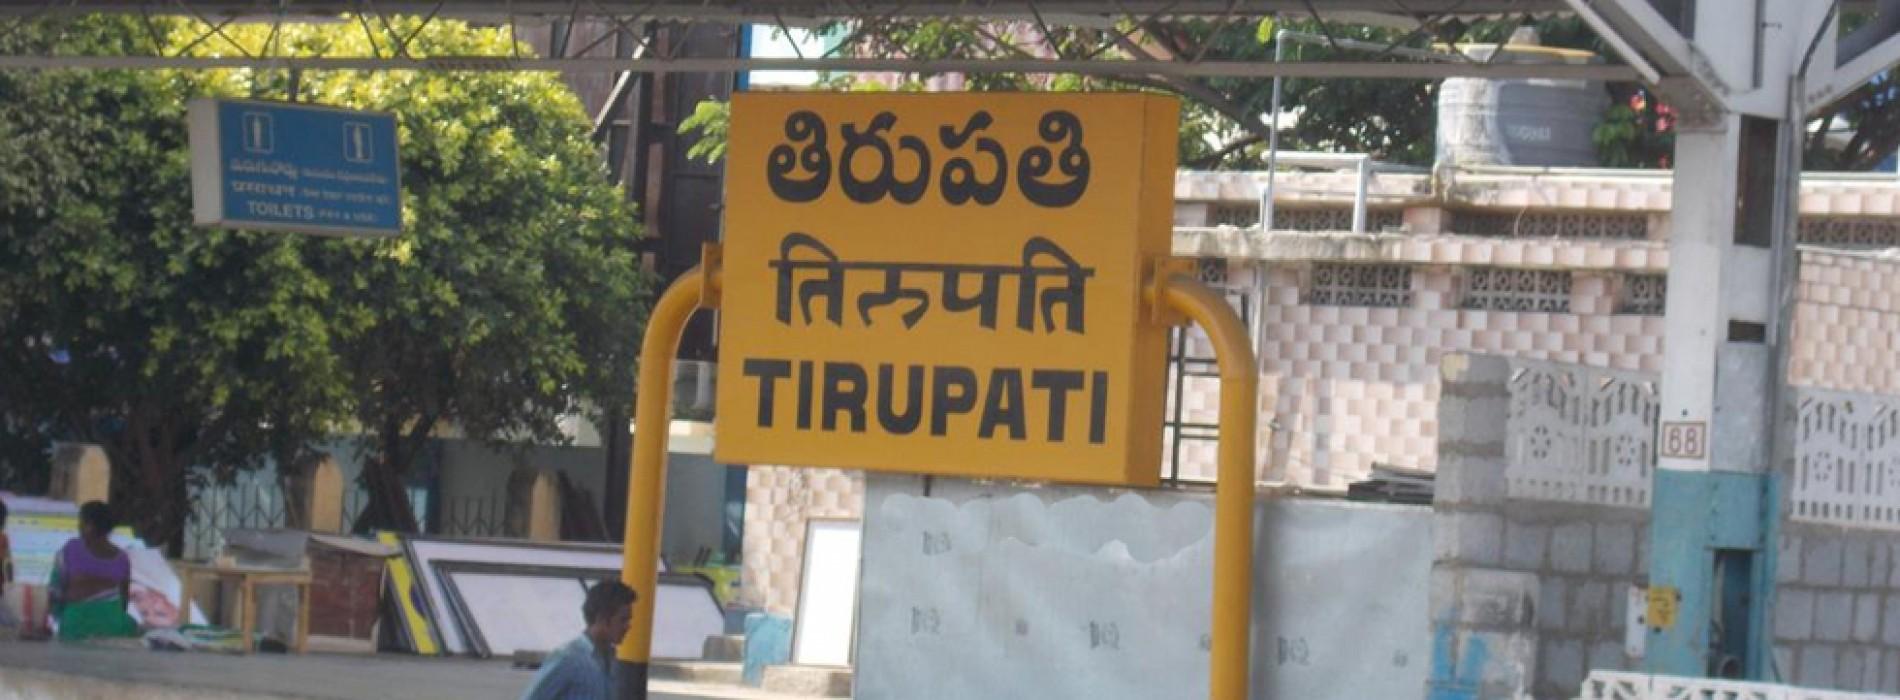 Special train to Tirupati extended till June